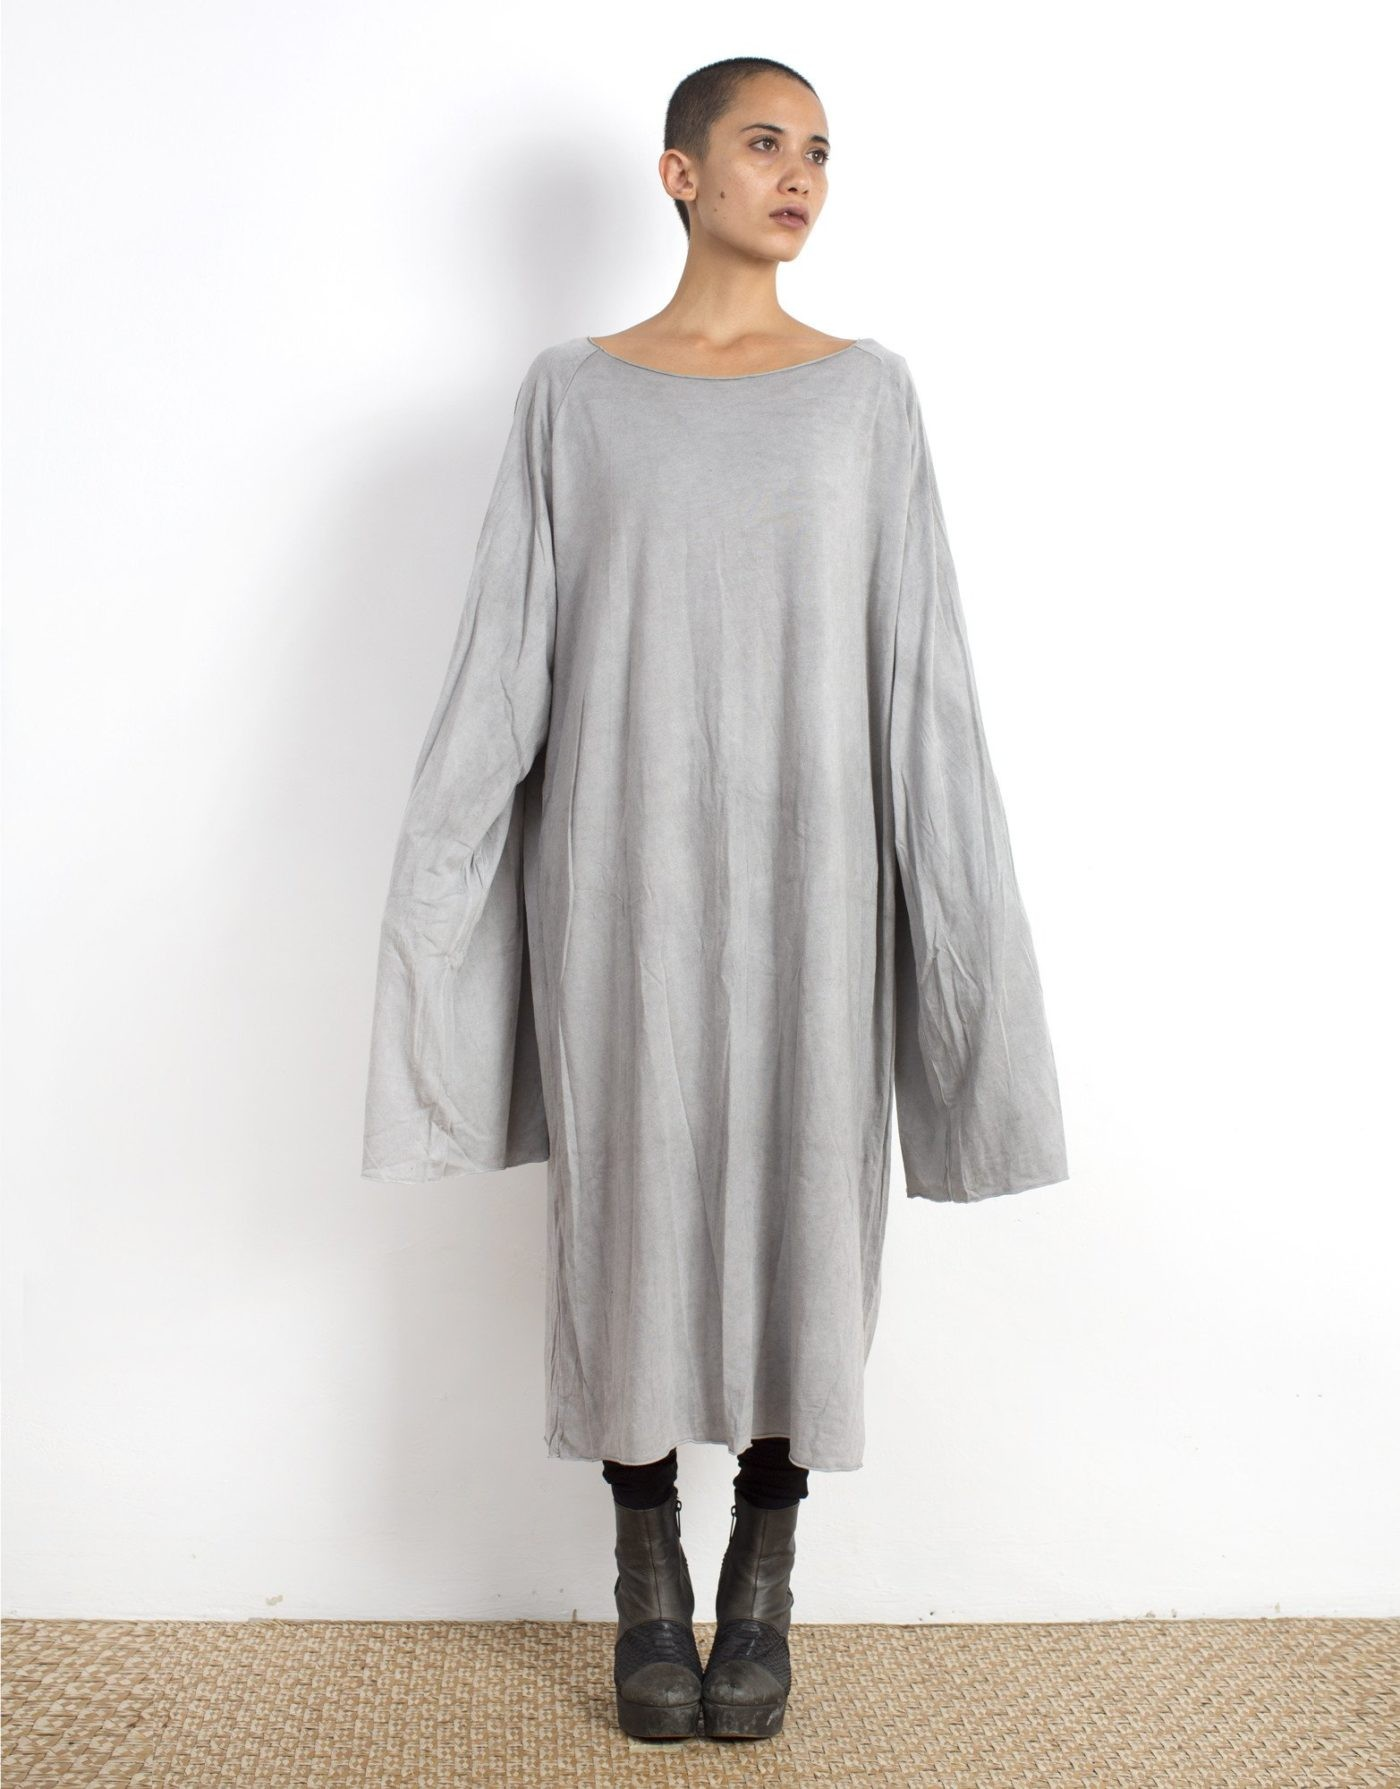 женские туники 2019 2020: серая безразмерная с длинным рукавом